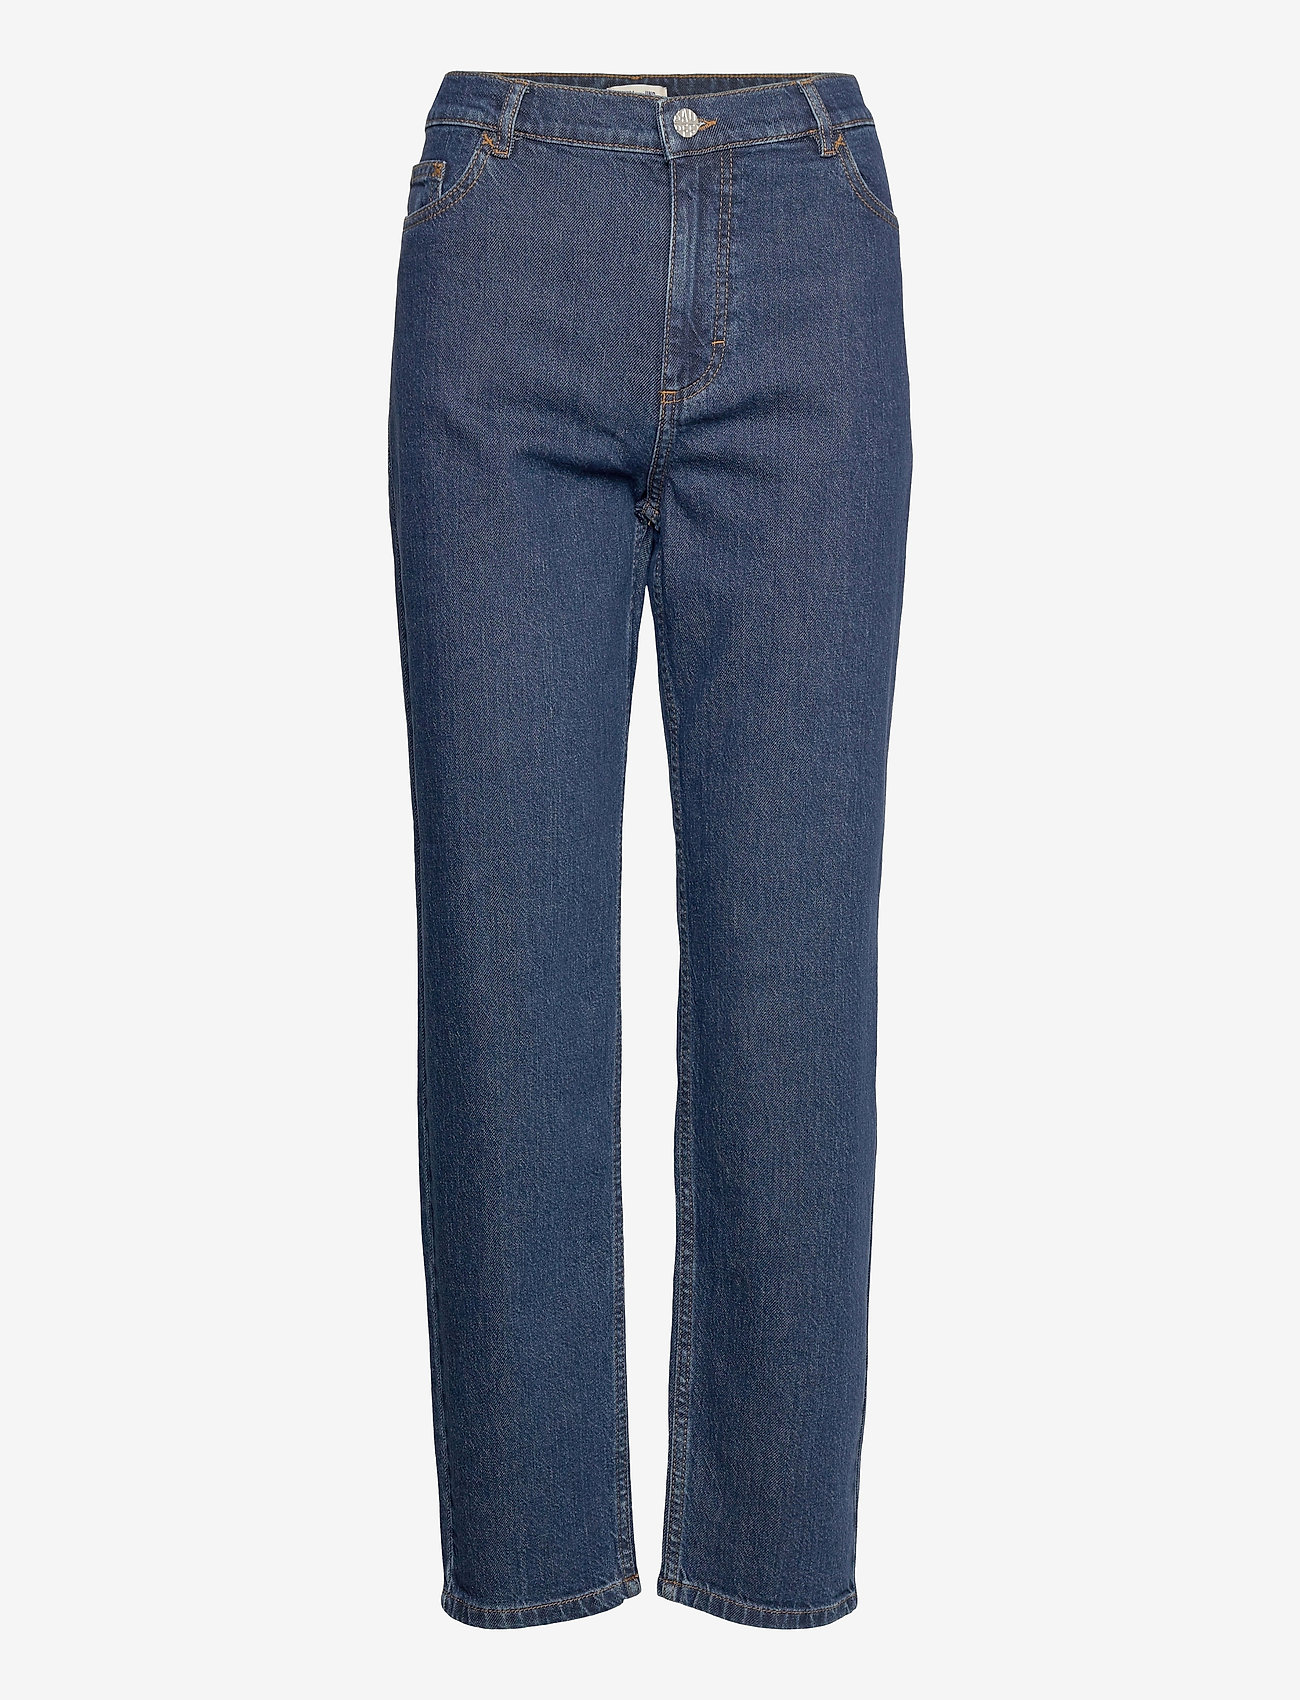 Baum und Pferdgarten - NANCY - straight jeans - dark blue - 1